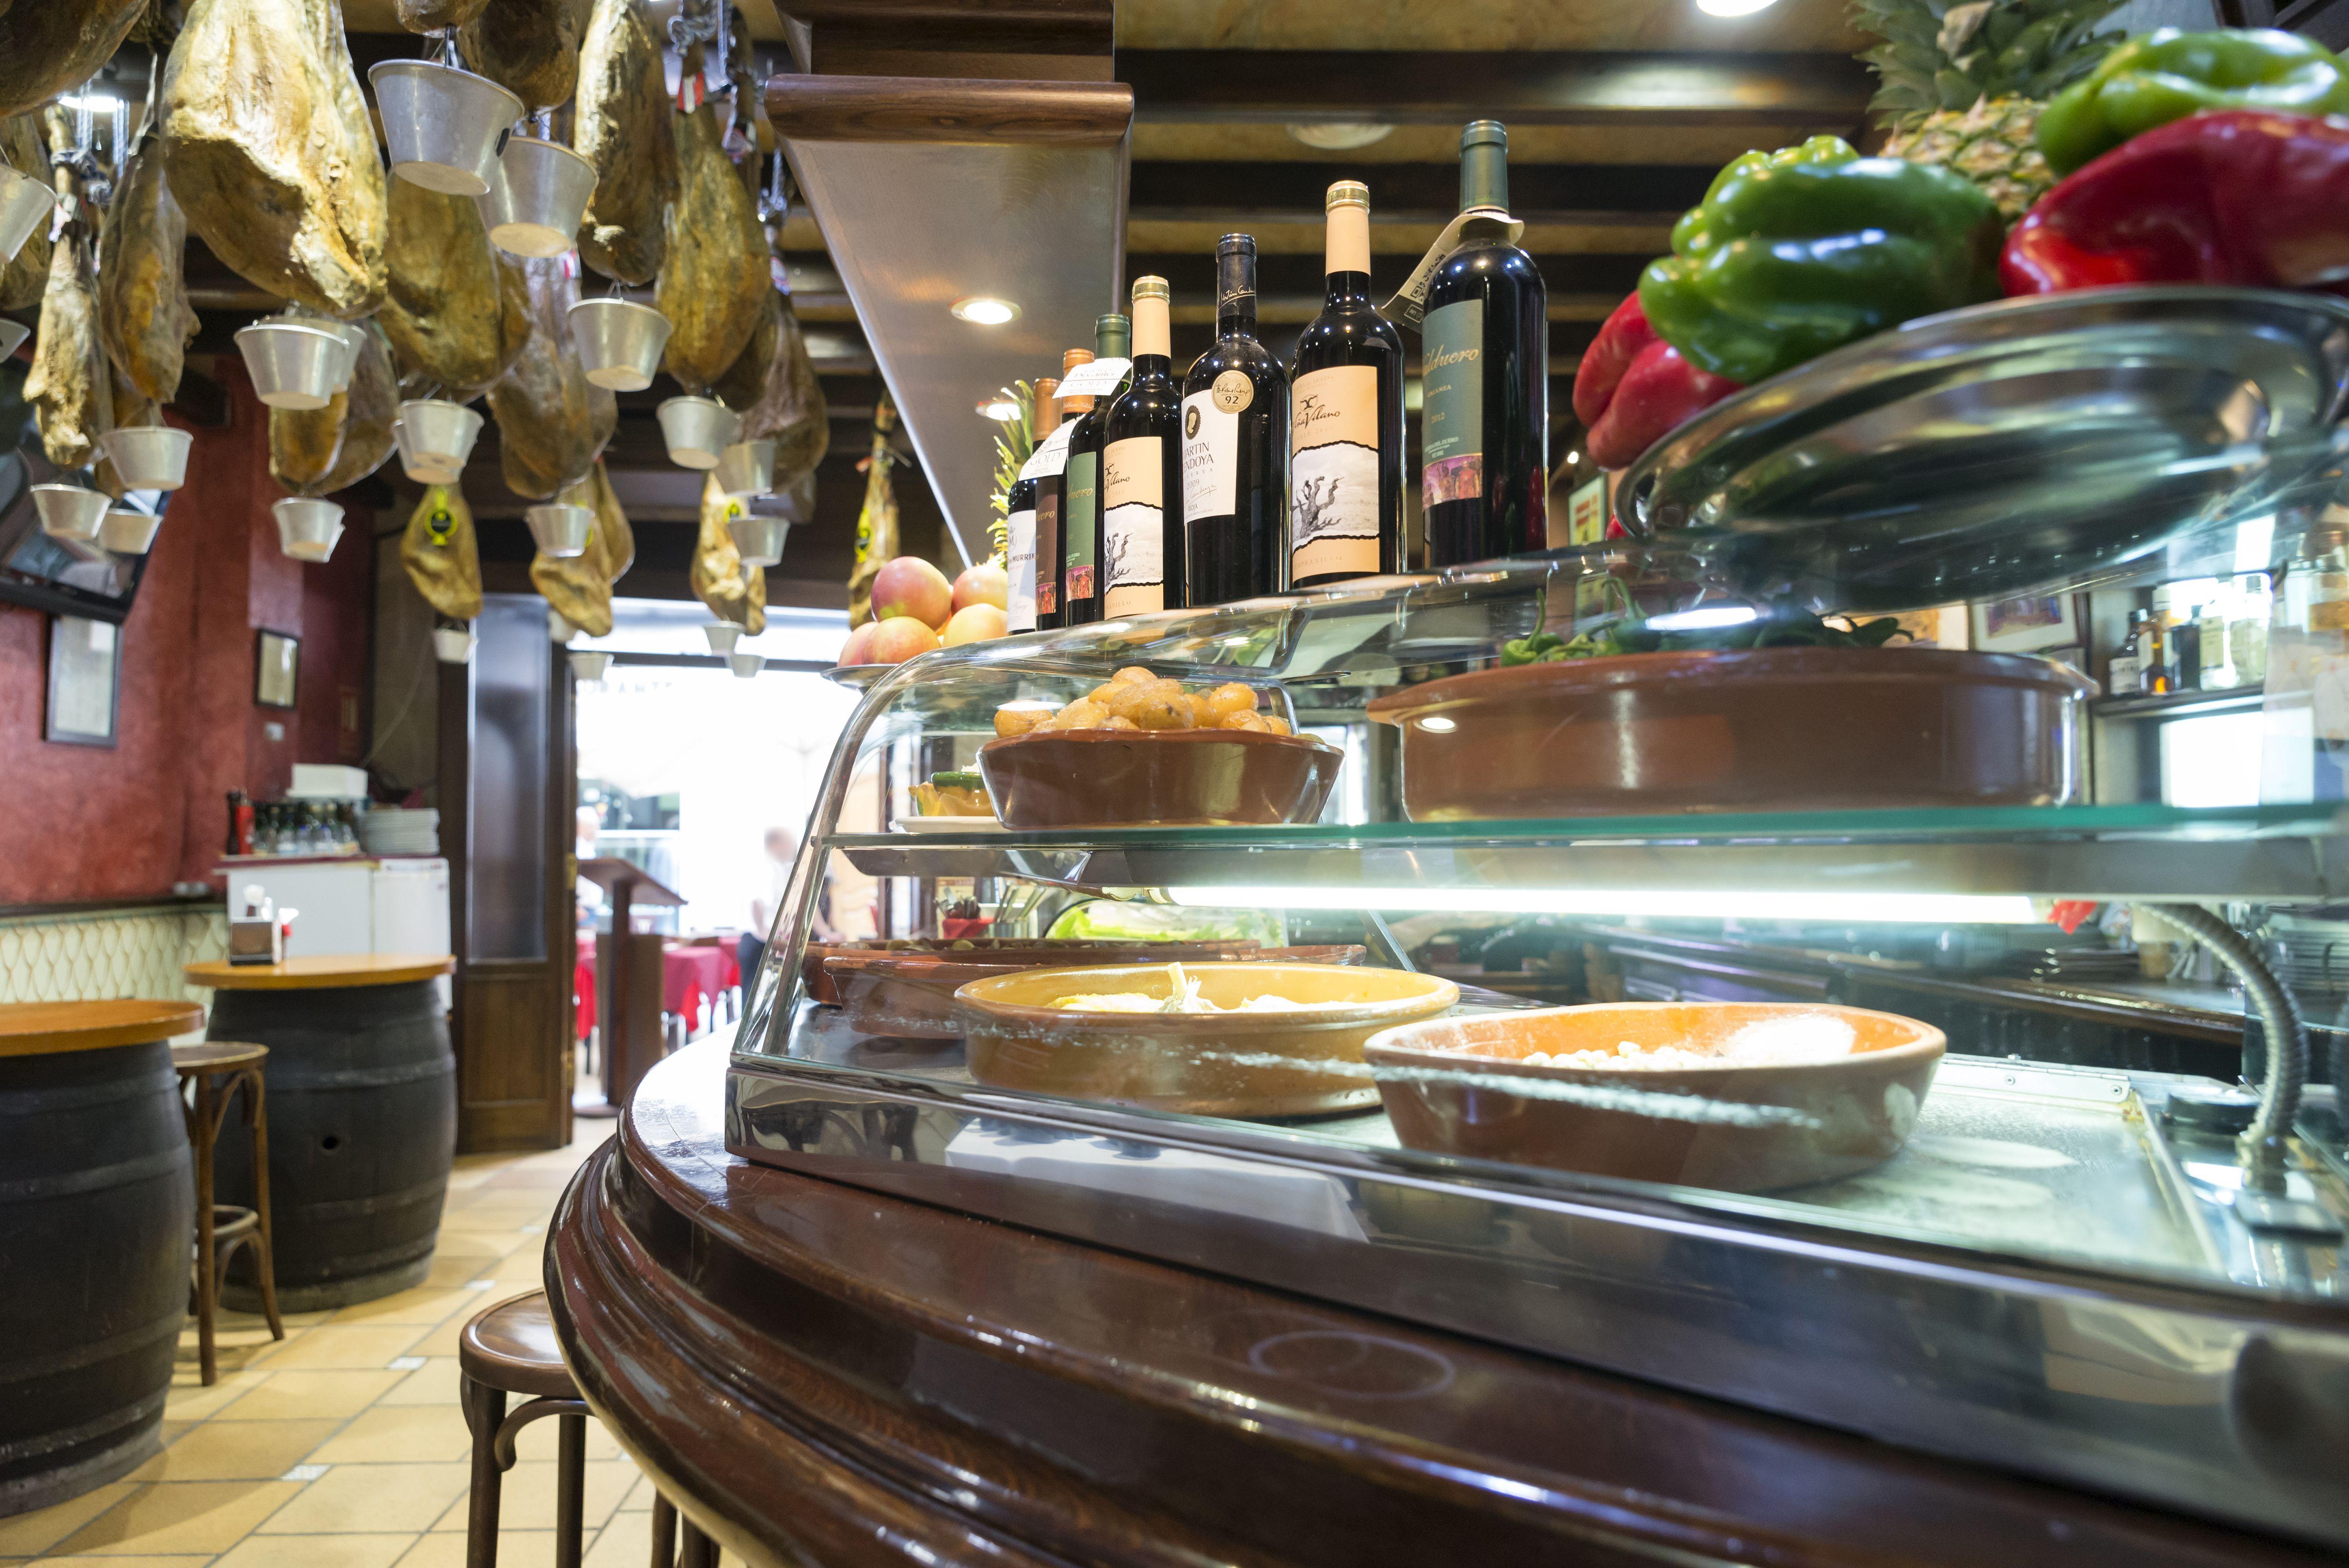 Foto 2 de Cocina mediterránea elaborada con ingredientes siempre frescos en Alicante | La Casona Alicantina